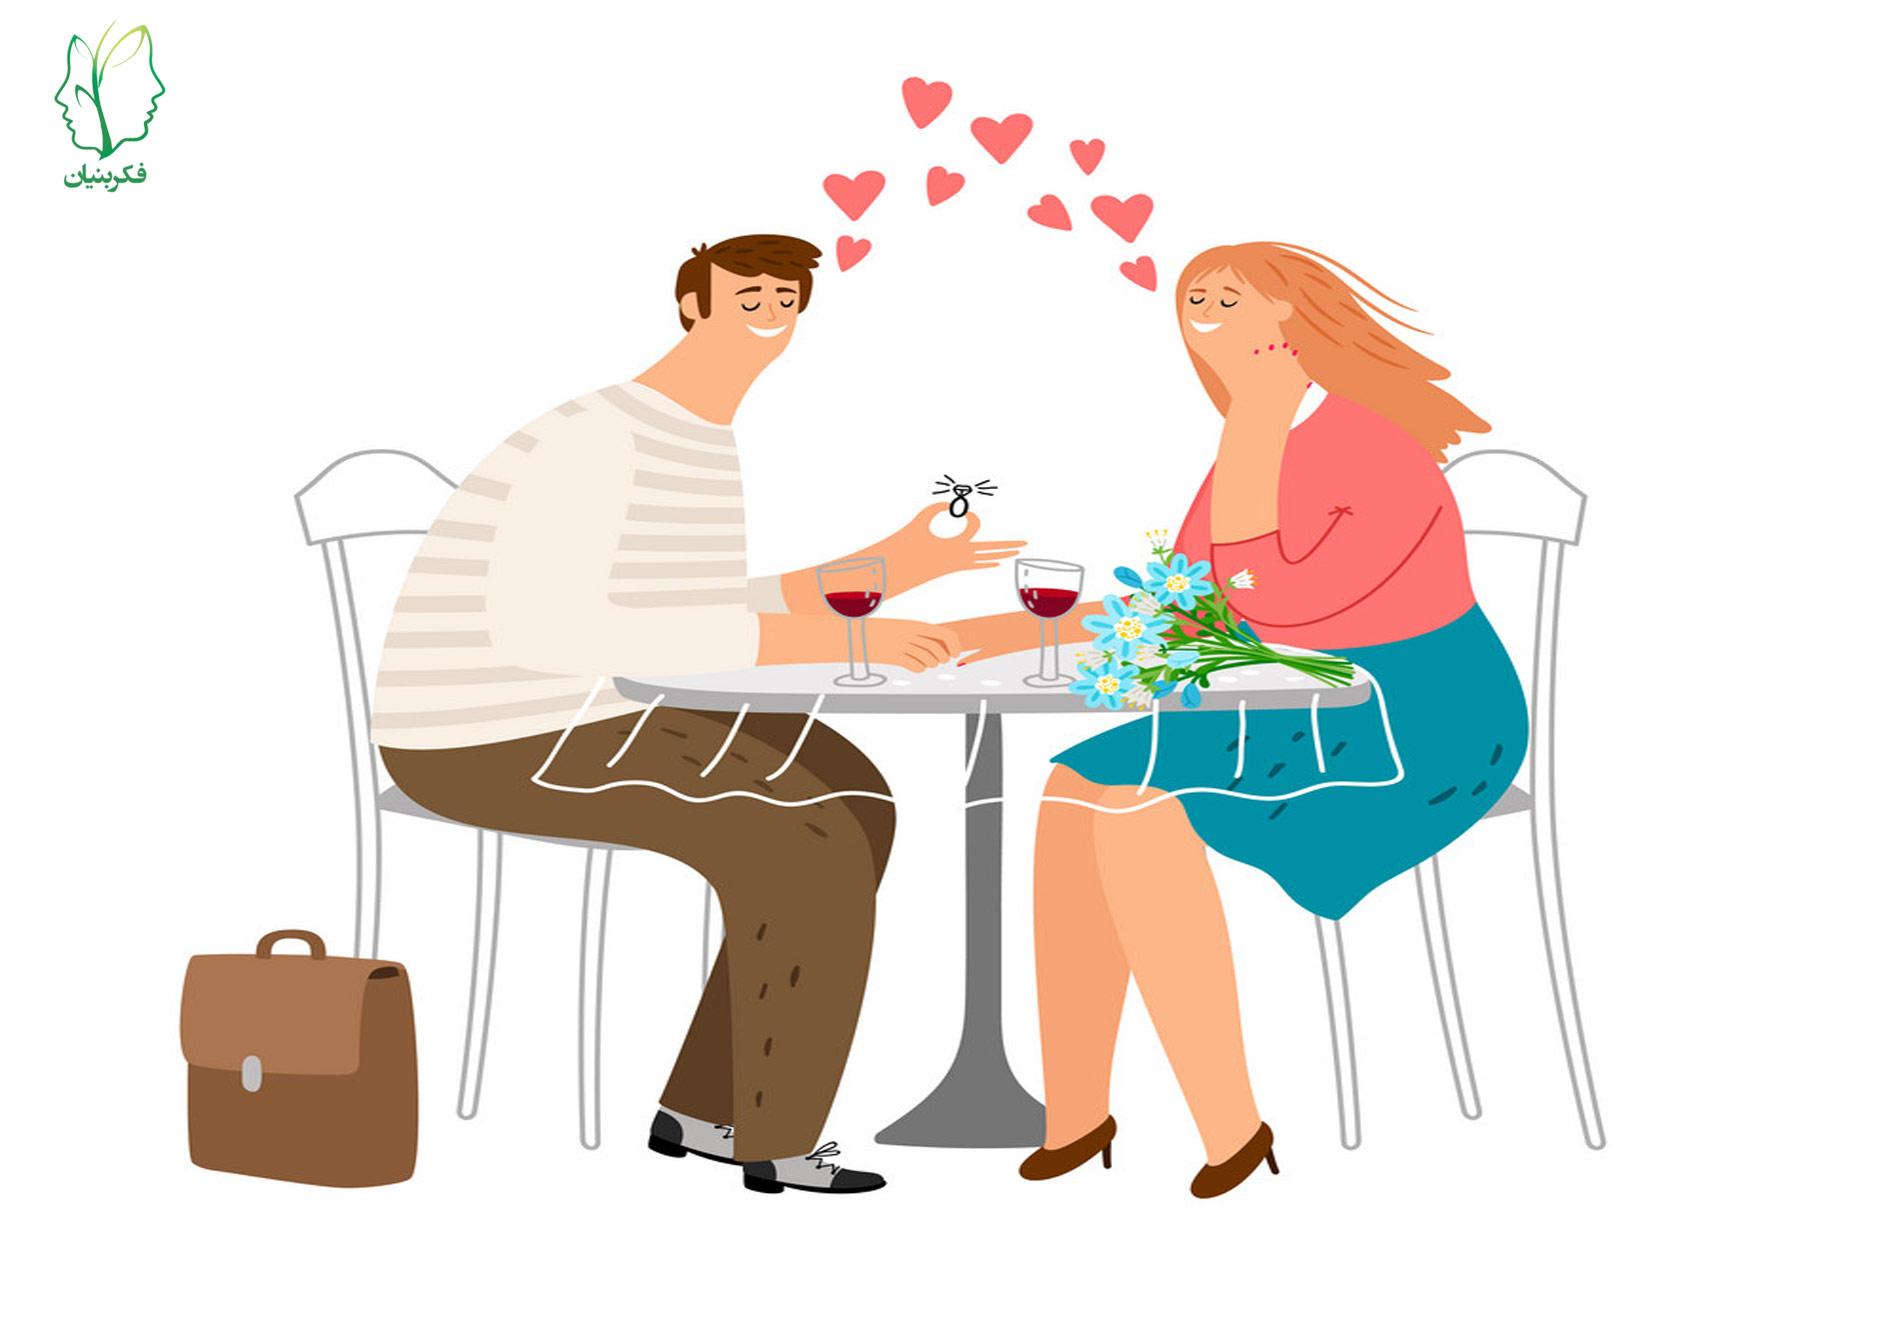 قصهی عشق (عشق یک داستان است)